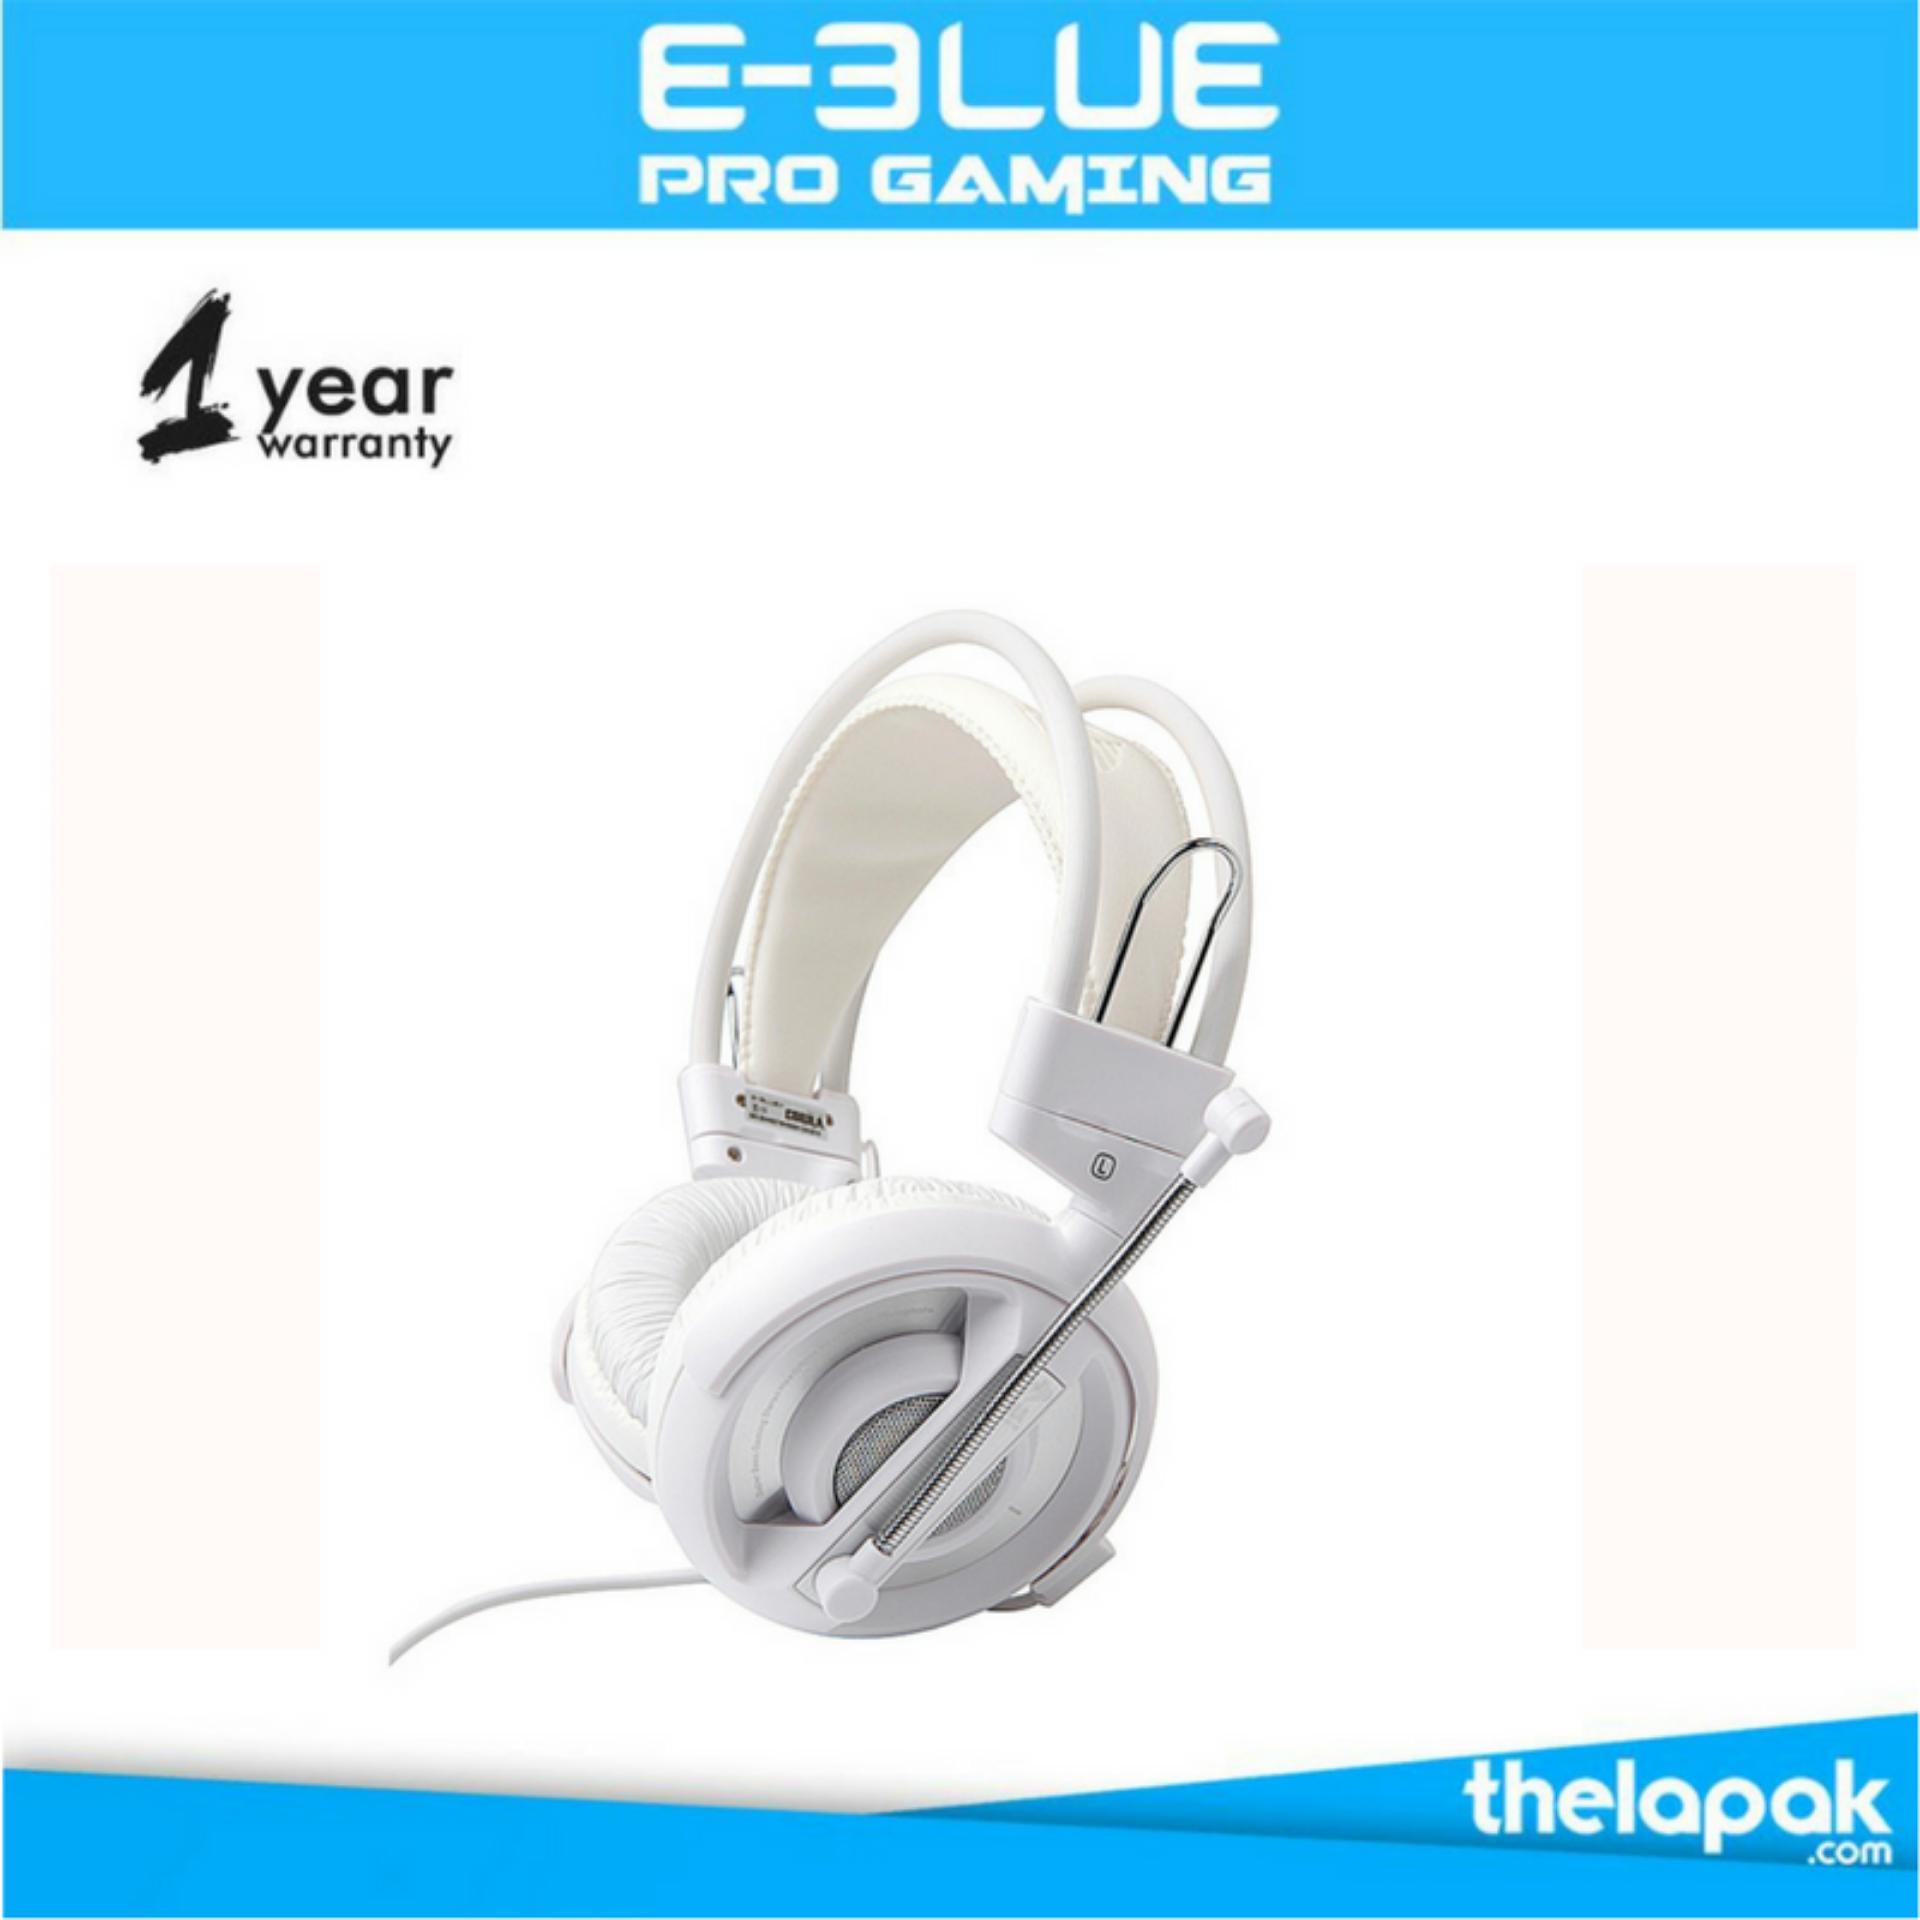 Jual E Blue Cobra Gaming Headset Putih Antik